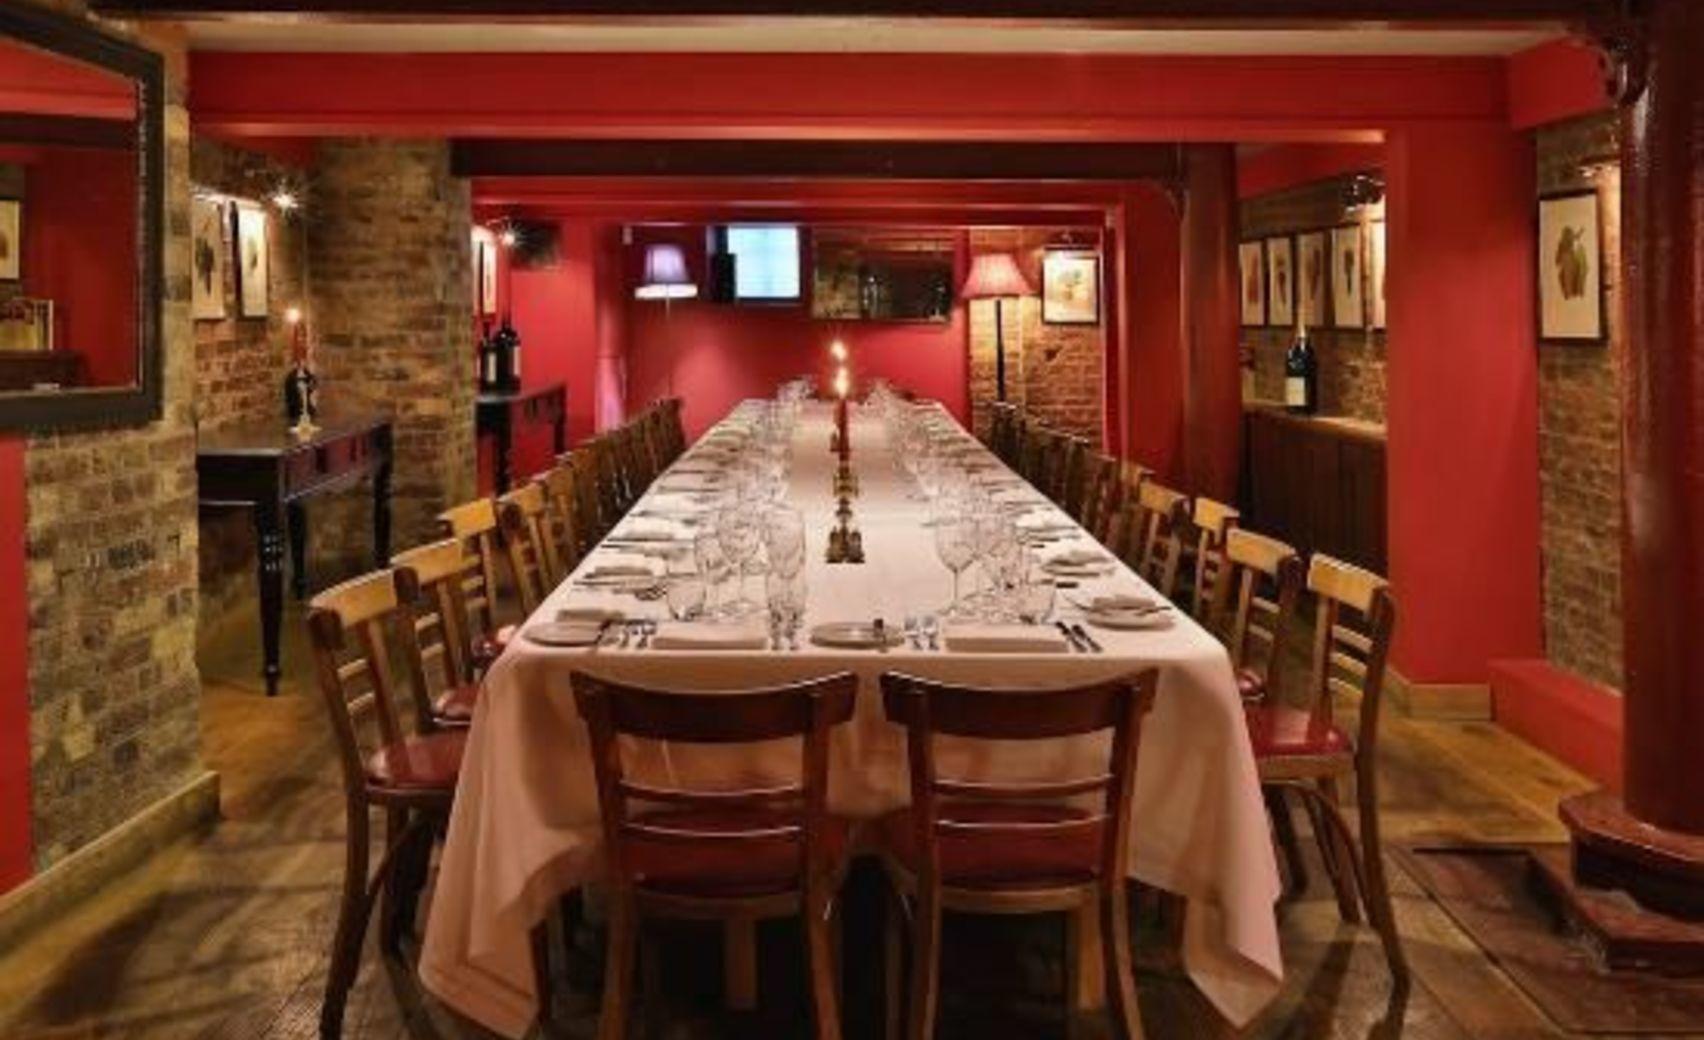 Dinner, The Wine Cellar, Bleeding Heart Restaurant